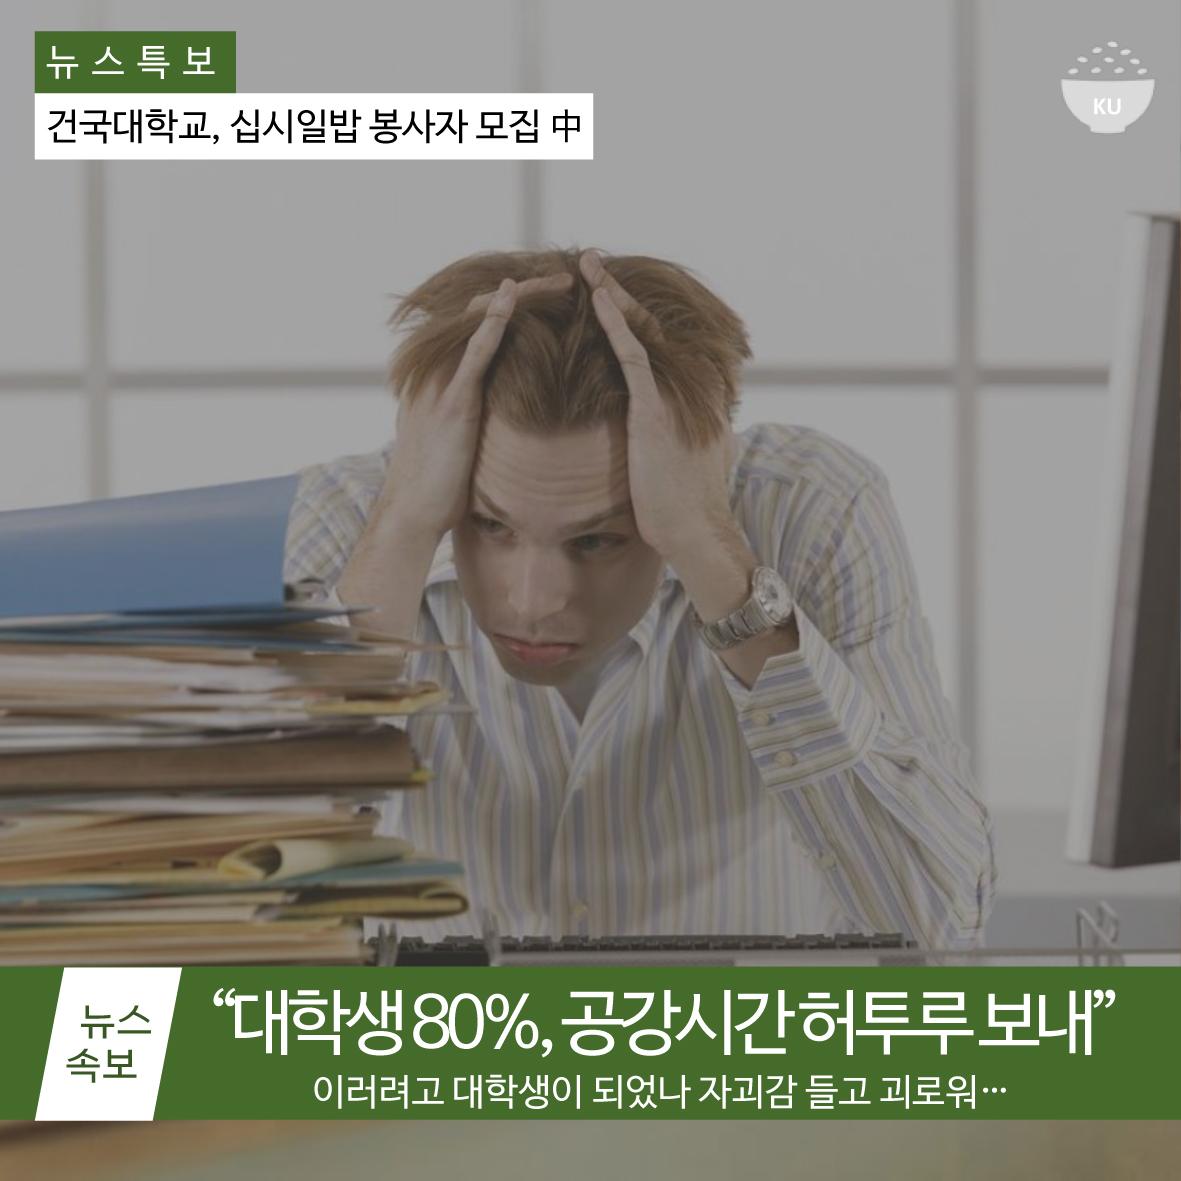 십시일밥 카드뉴스_완성-2.jpg